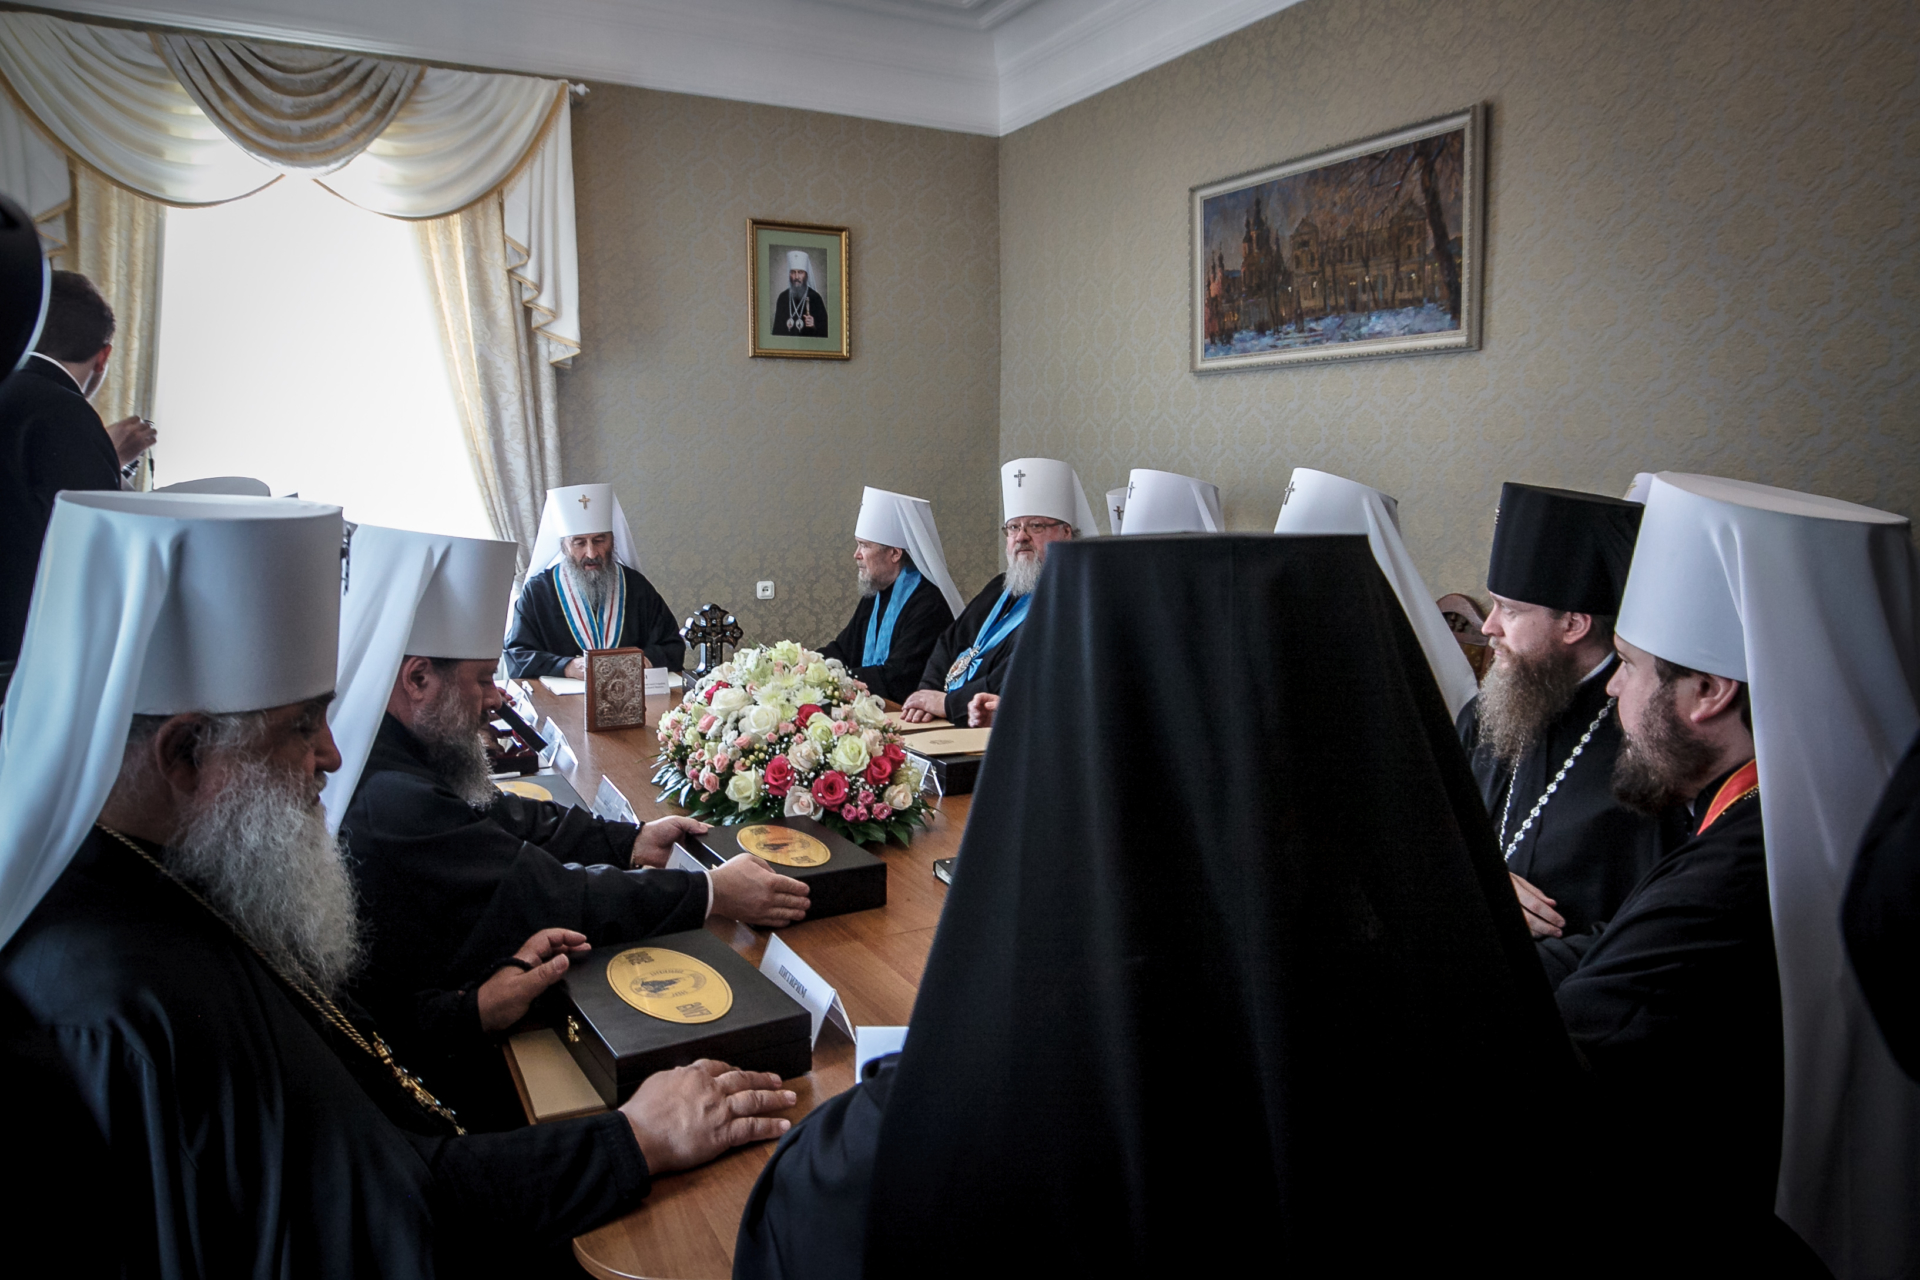 Синод УПЦ заснував Представництво при європейських міжнародних організаціях, а його головою призначив нового єпископа